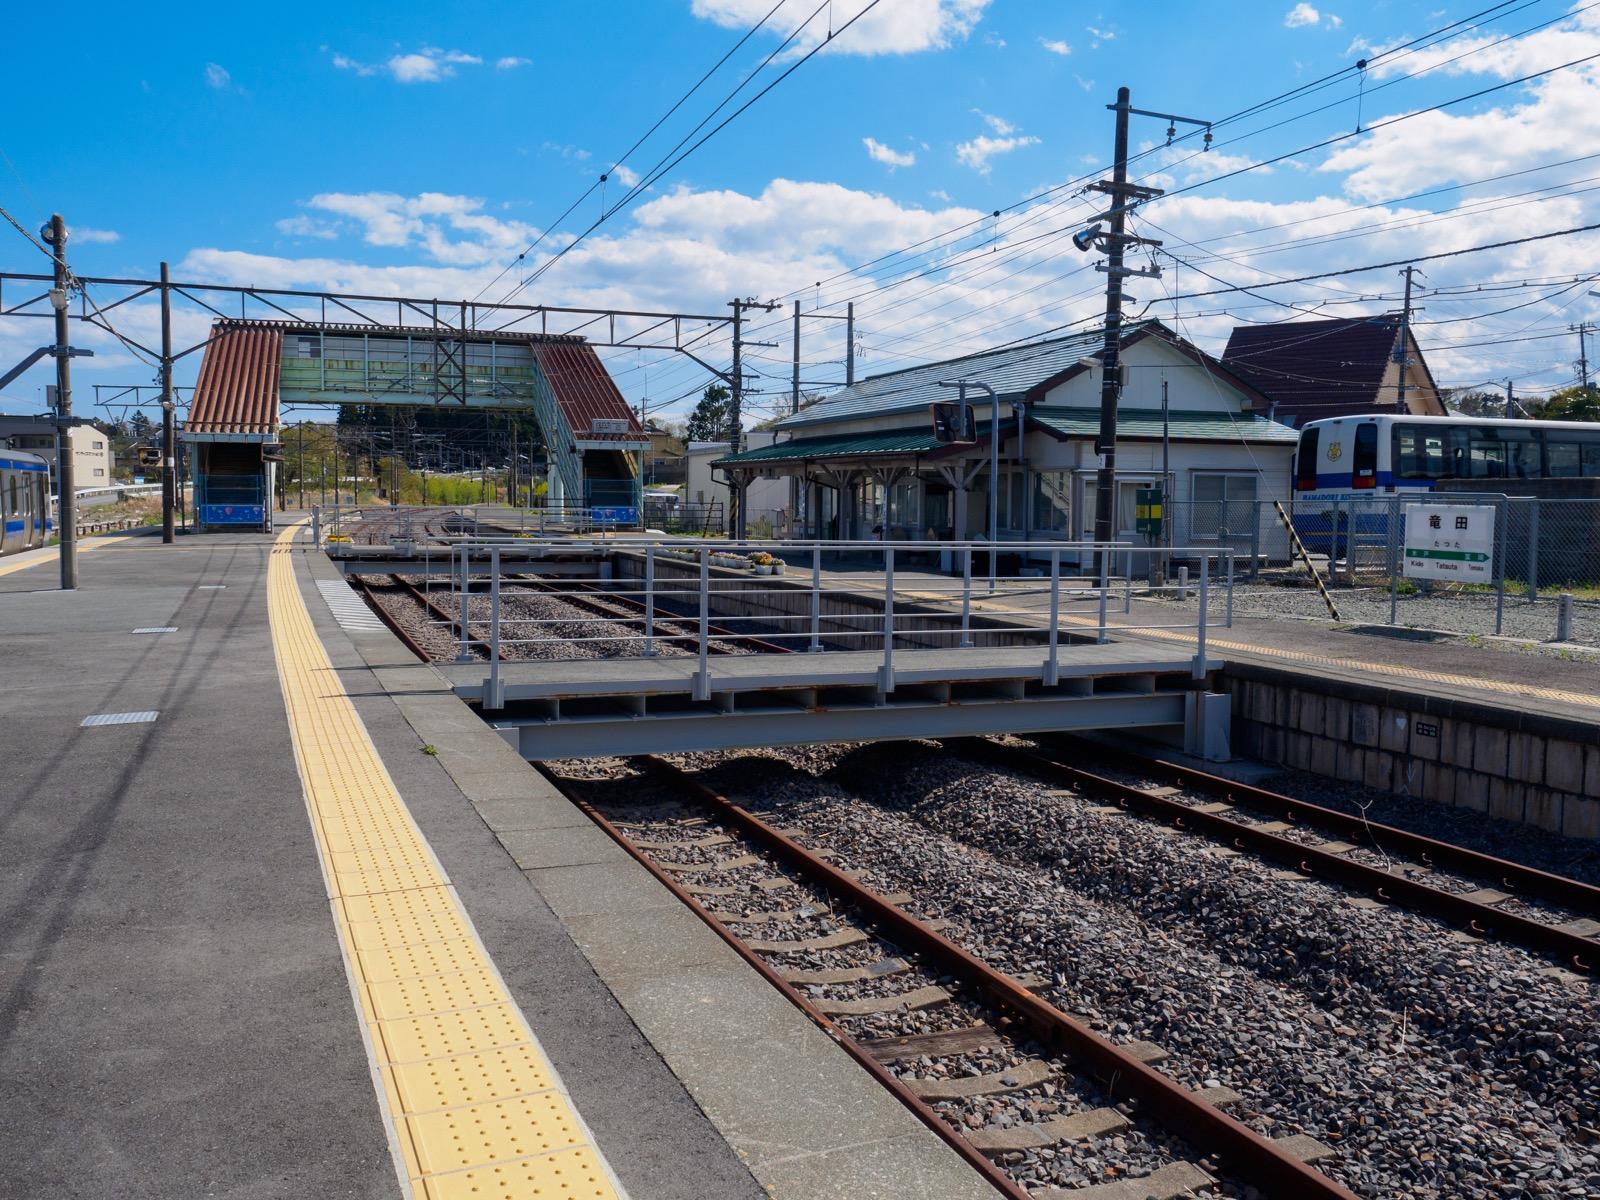 竜田駅のホームに架けられていた連絡橋・足場(2017年4月)